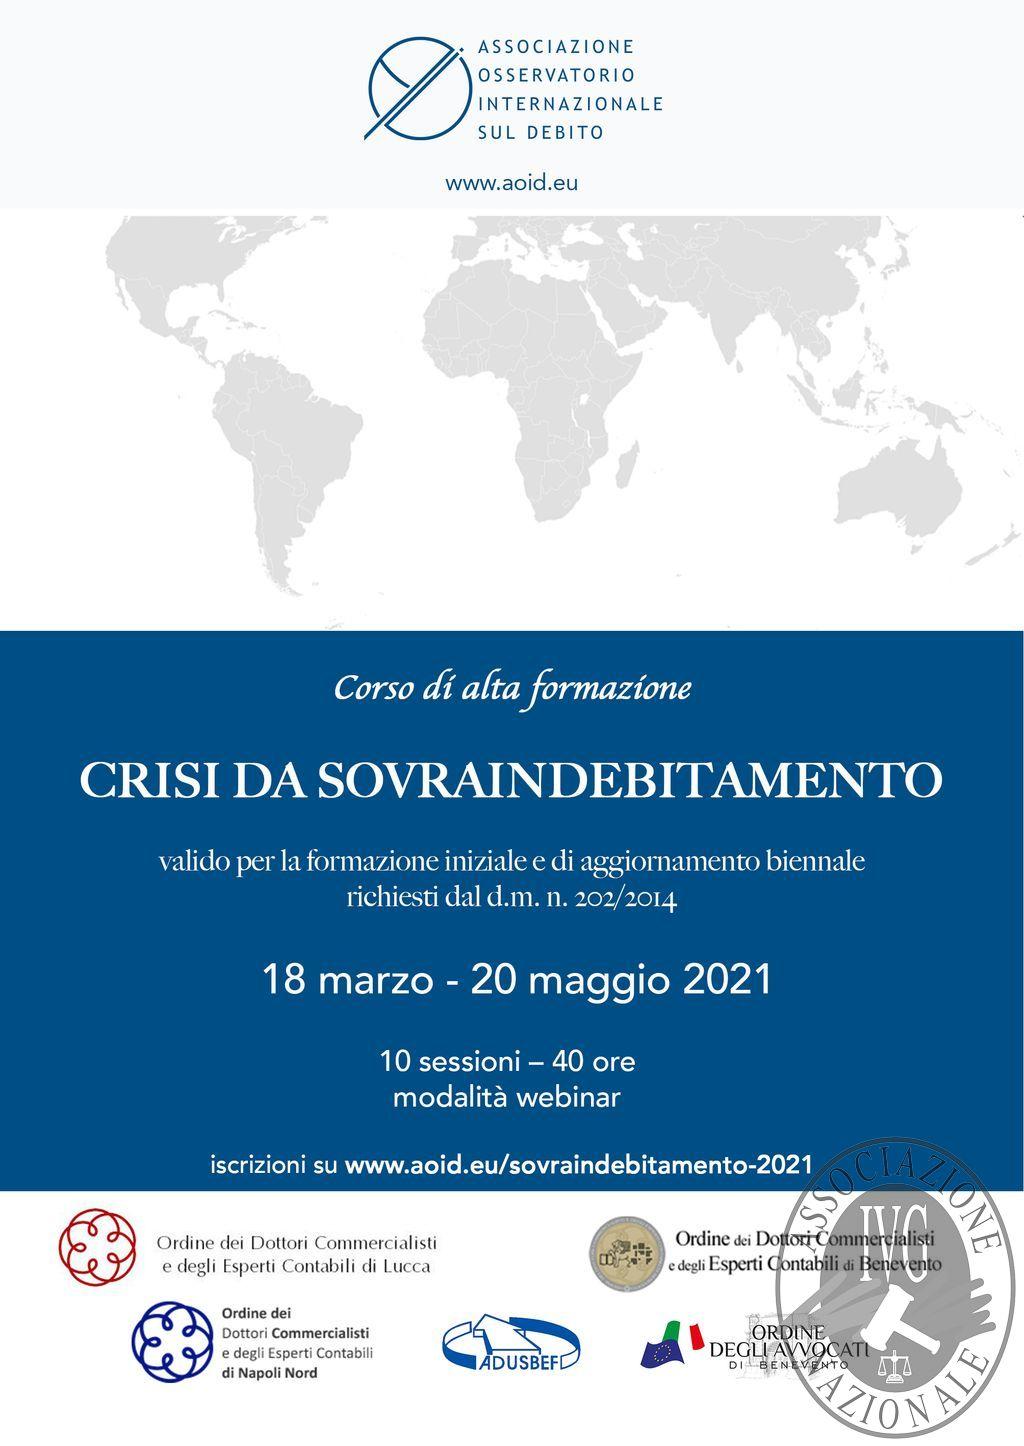 Programma Crisi da Sovraindebitamento AOID.pdf - Adobe Acrobat Pro.jpg